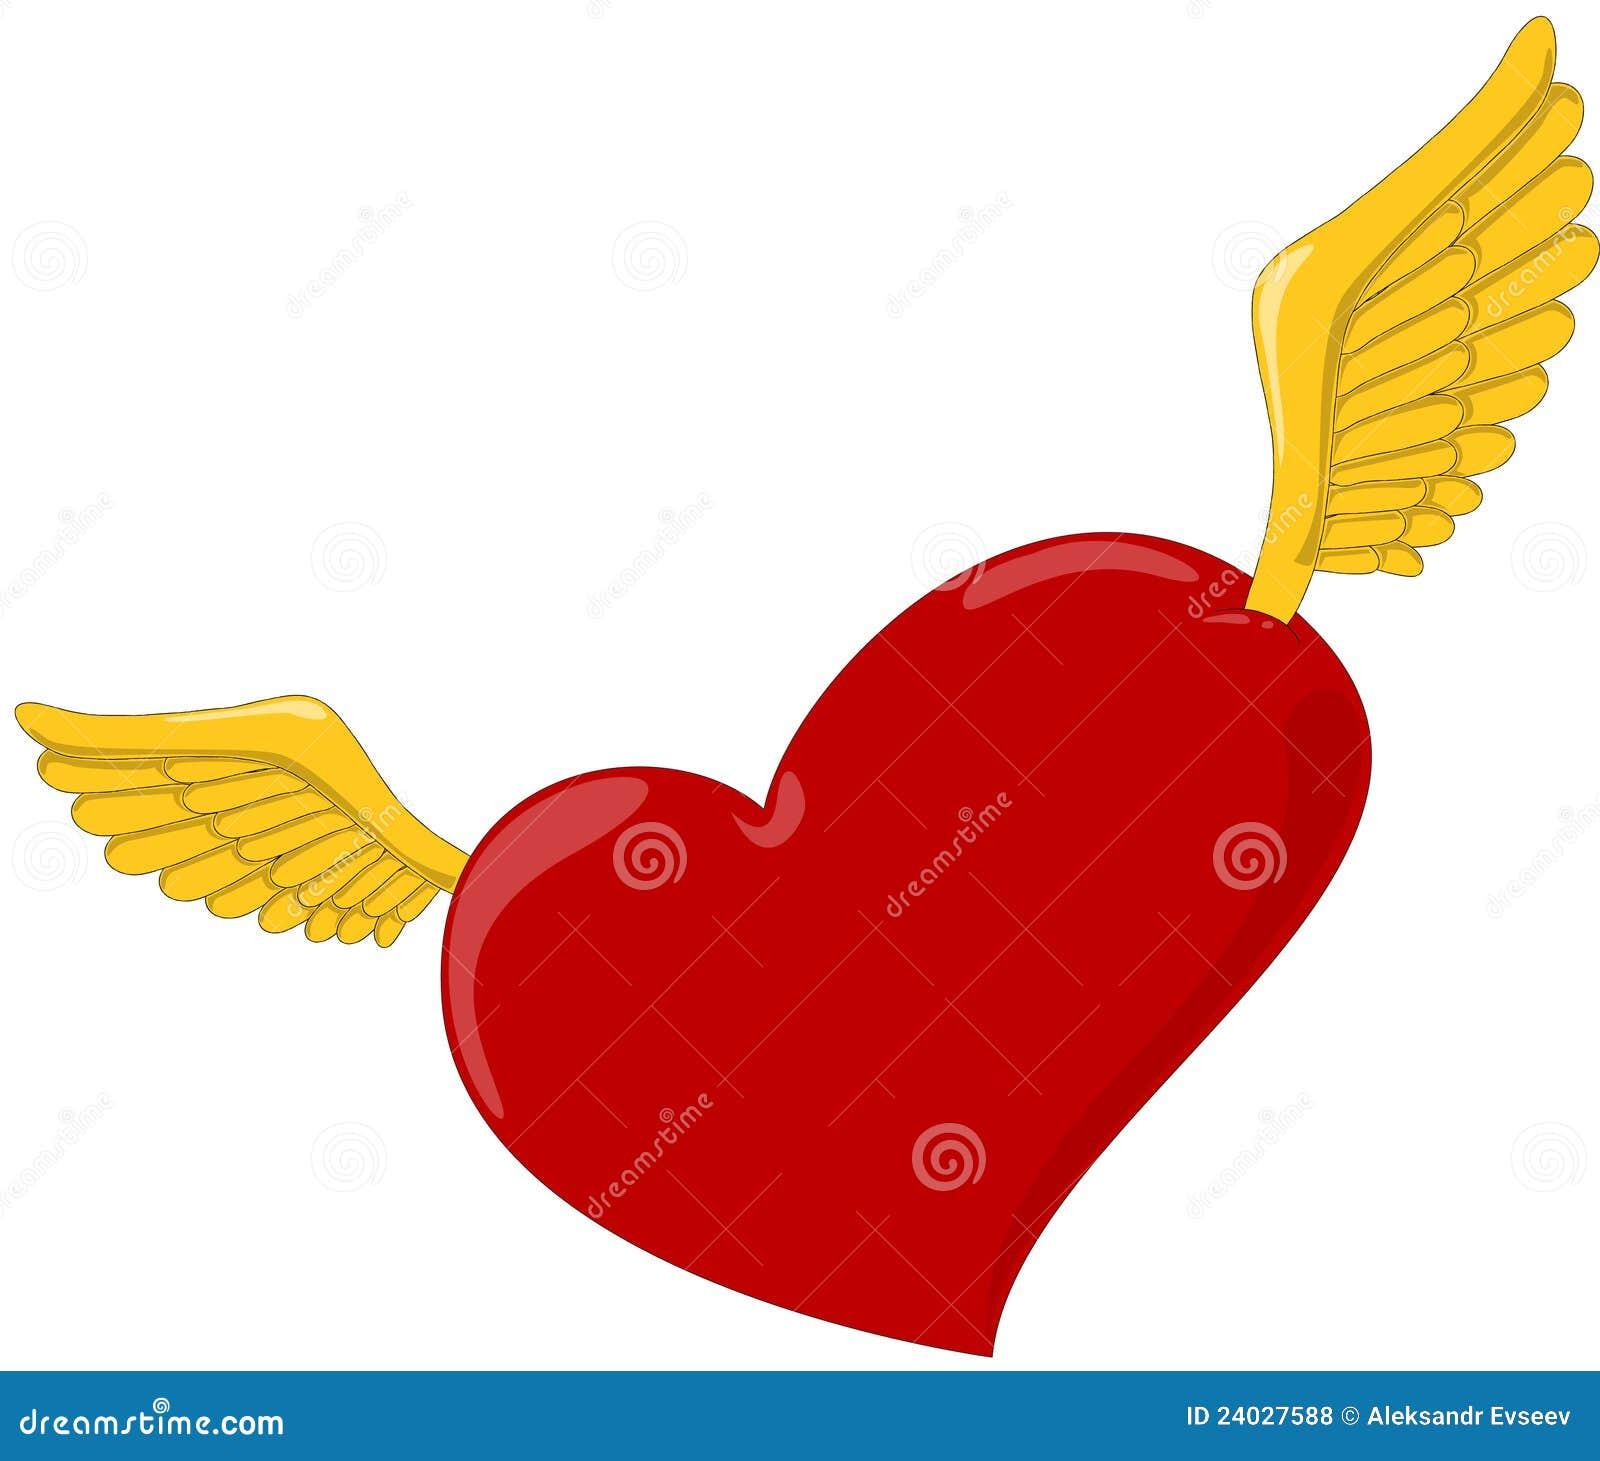 coeur avec des ailes photos libres de droits image 24027588. Black Bedroom Furniture Sets. Home Design Ideas